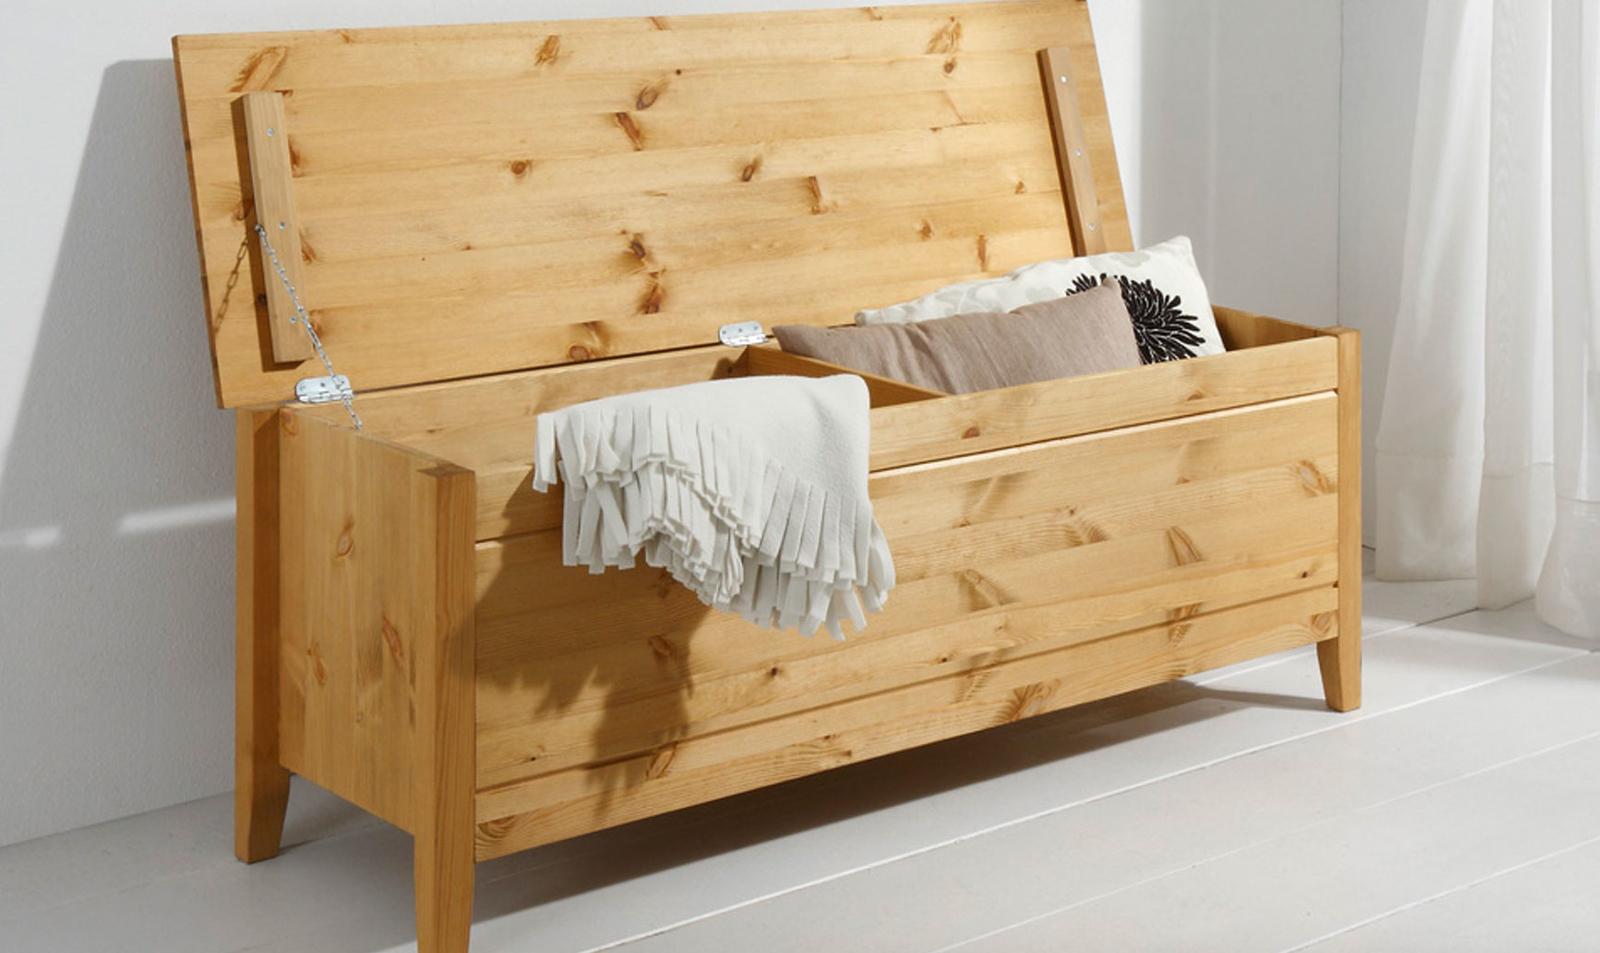 Gut bekannt Schlafzimmer Dora Kiefer massiv gelaugt geölt von Jumek günstig TR31